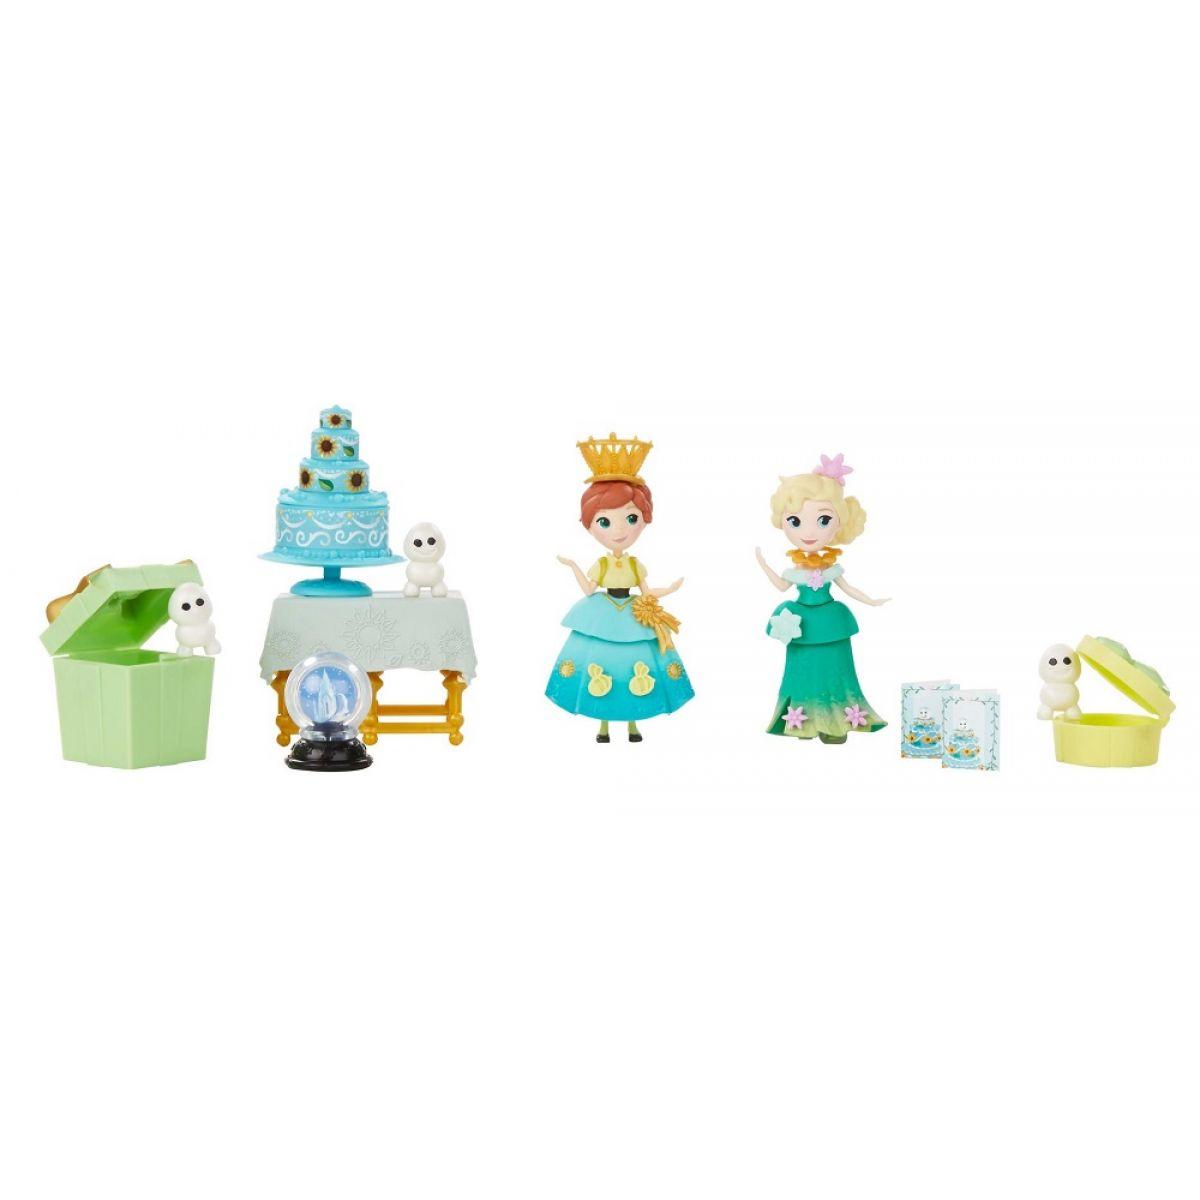 Hasbro Disney Frozen Little Kingdom Set malé panenky s příslušenstvím - Frozen Fever Celebration